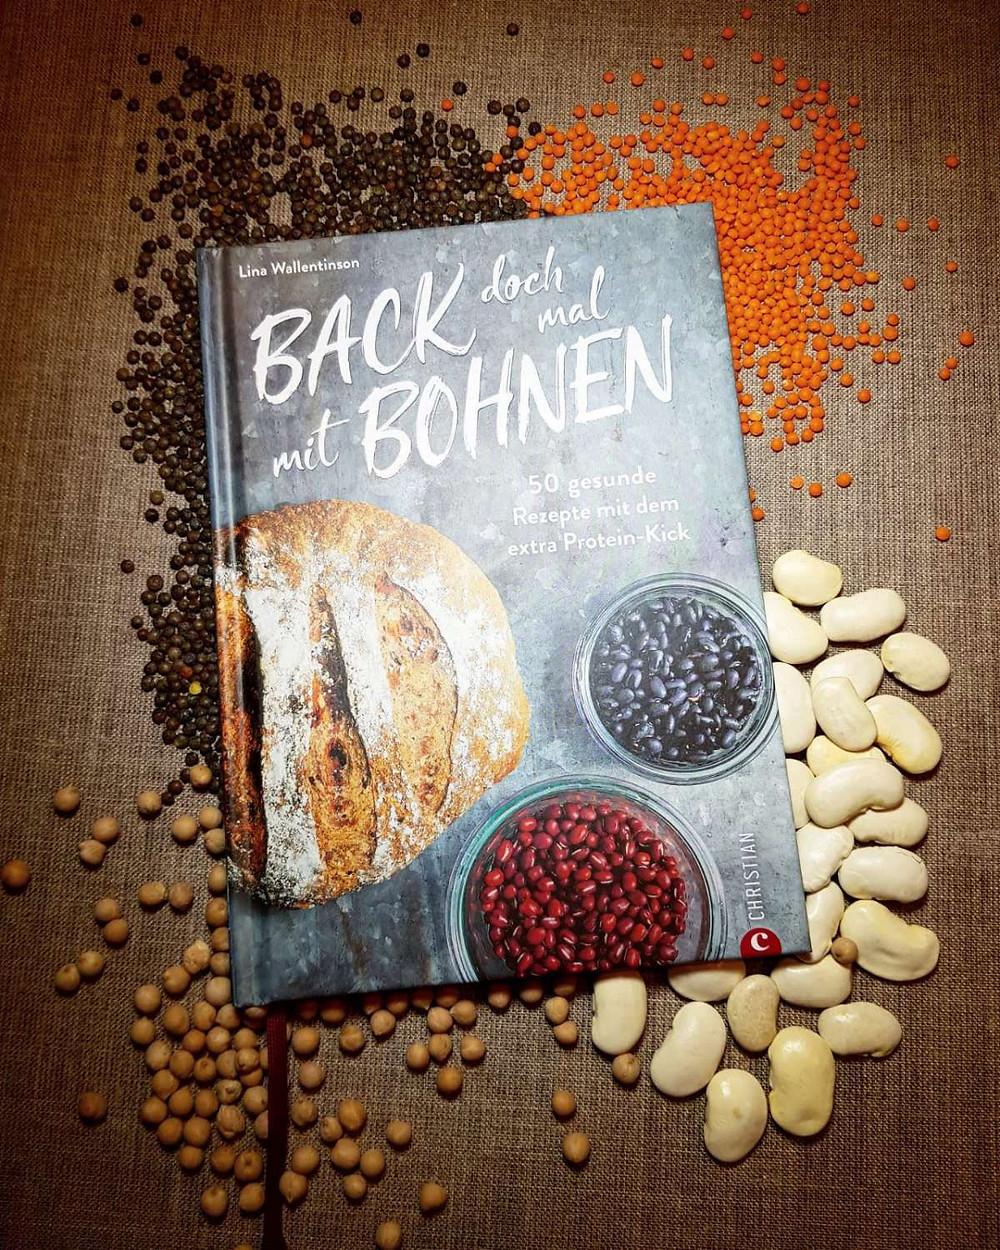 """""""Back doch mal mit Bohnen"""" von Lina Wallentinson"""